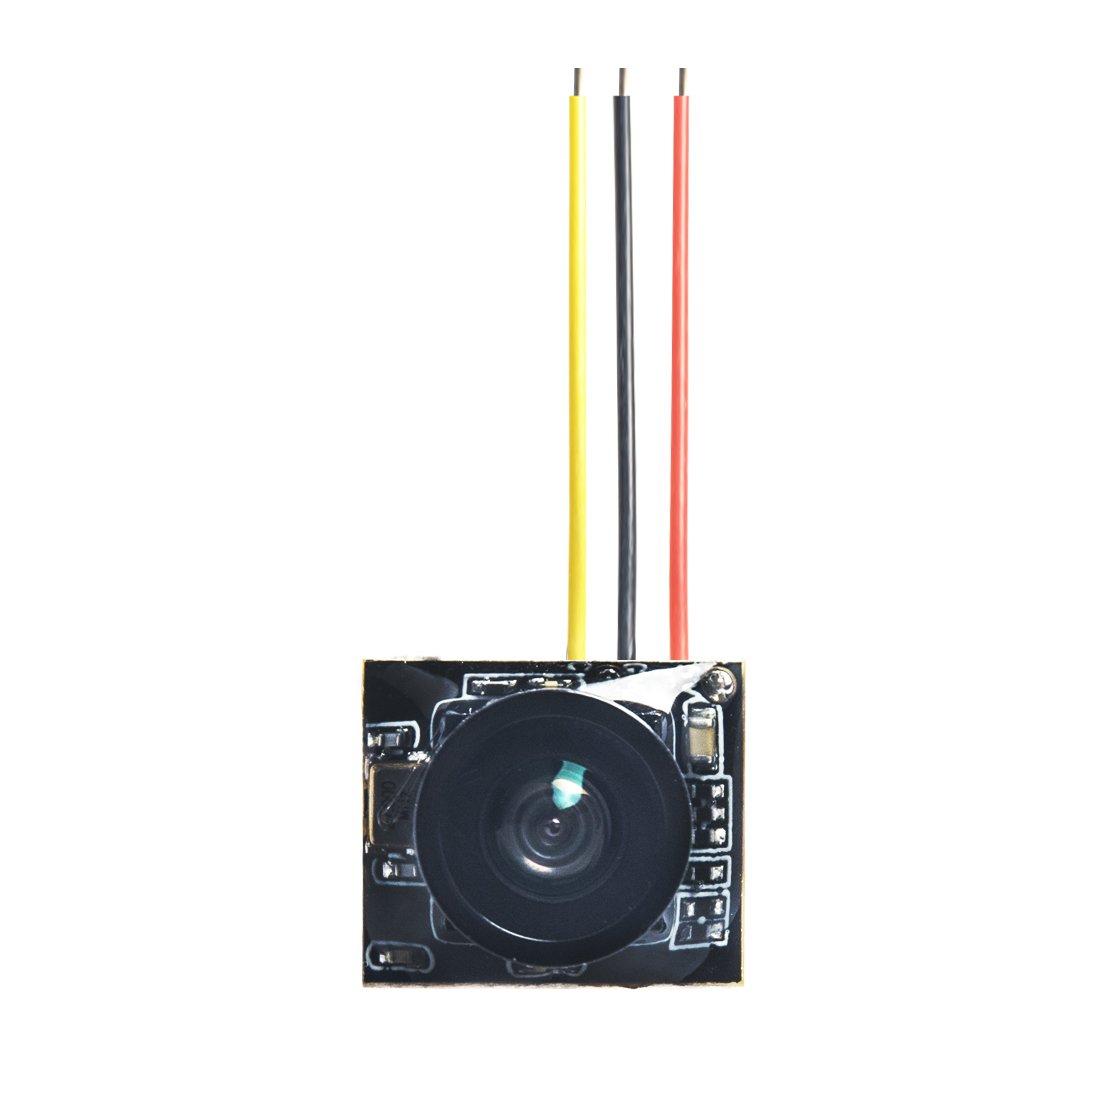 AKK K19C 600TVL M7 Lens 120 Degree NTSC Mini FPV Camera